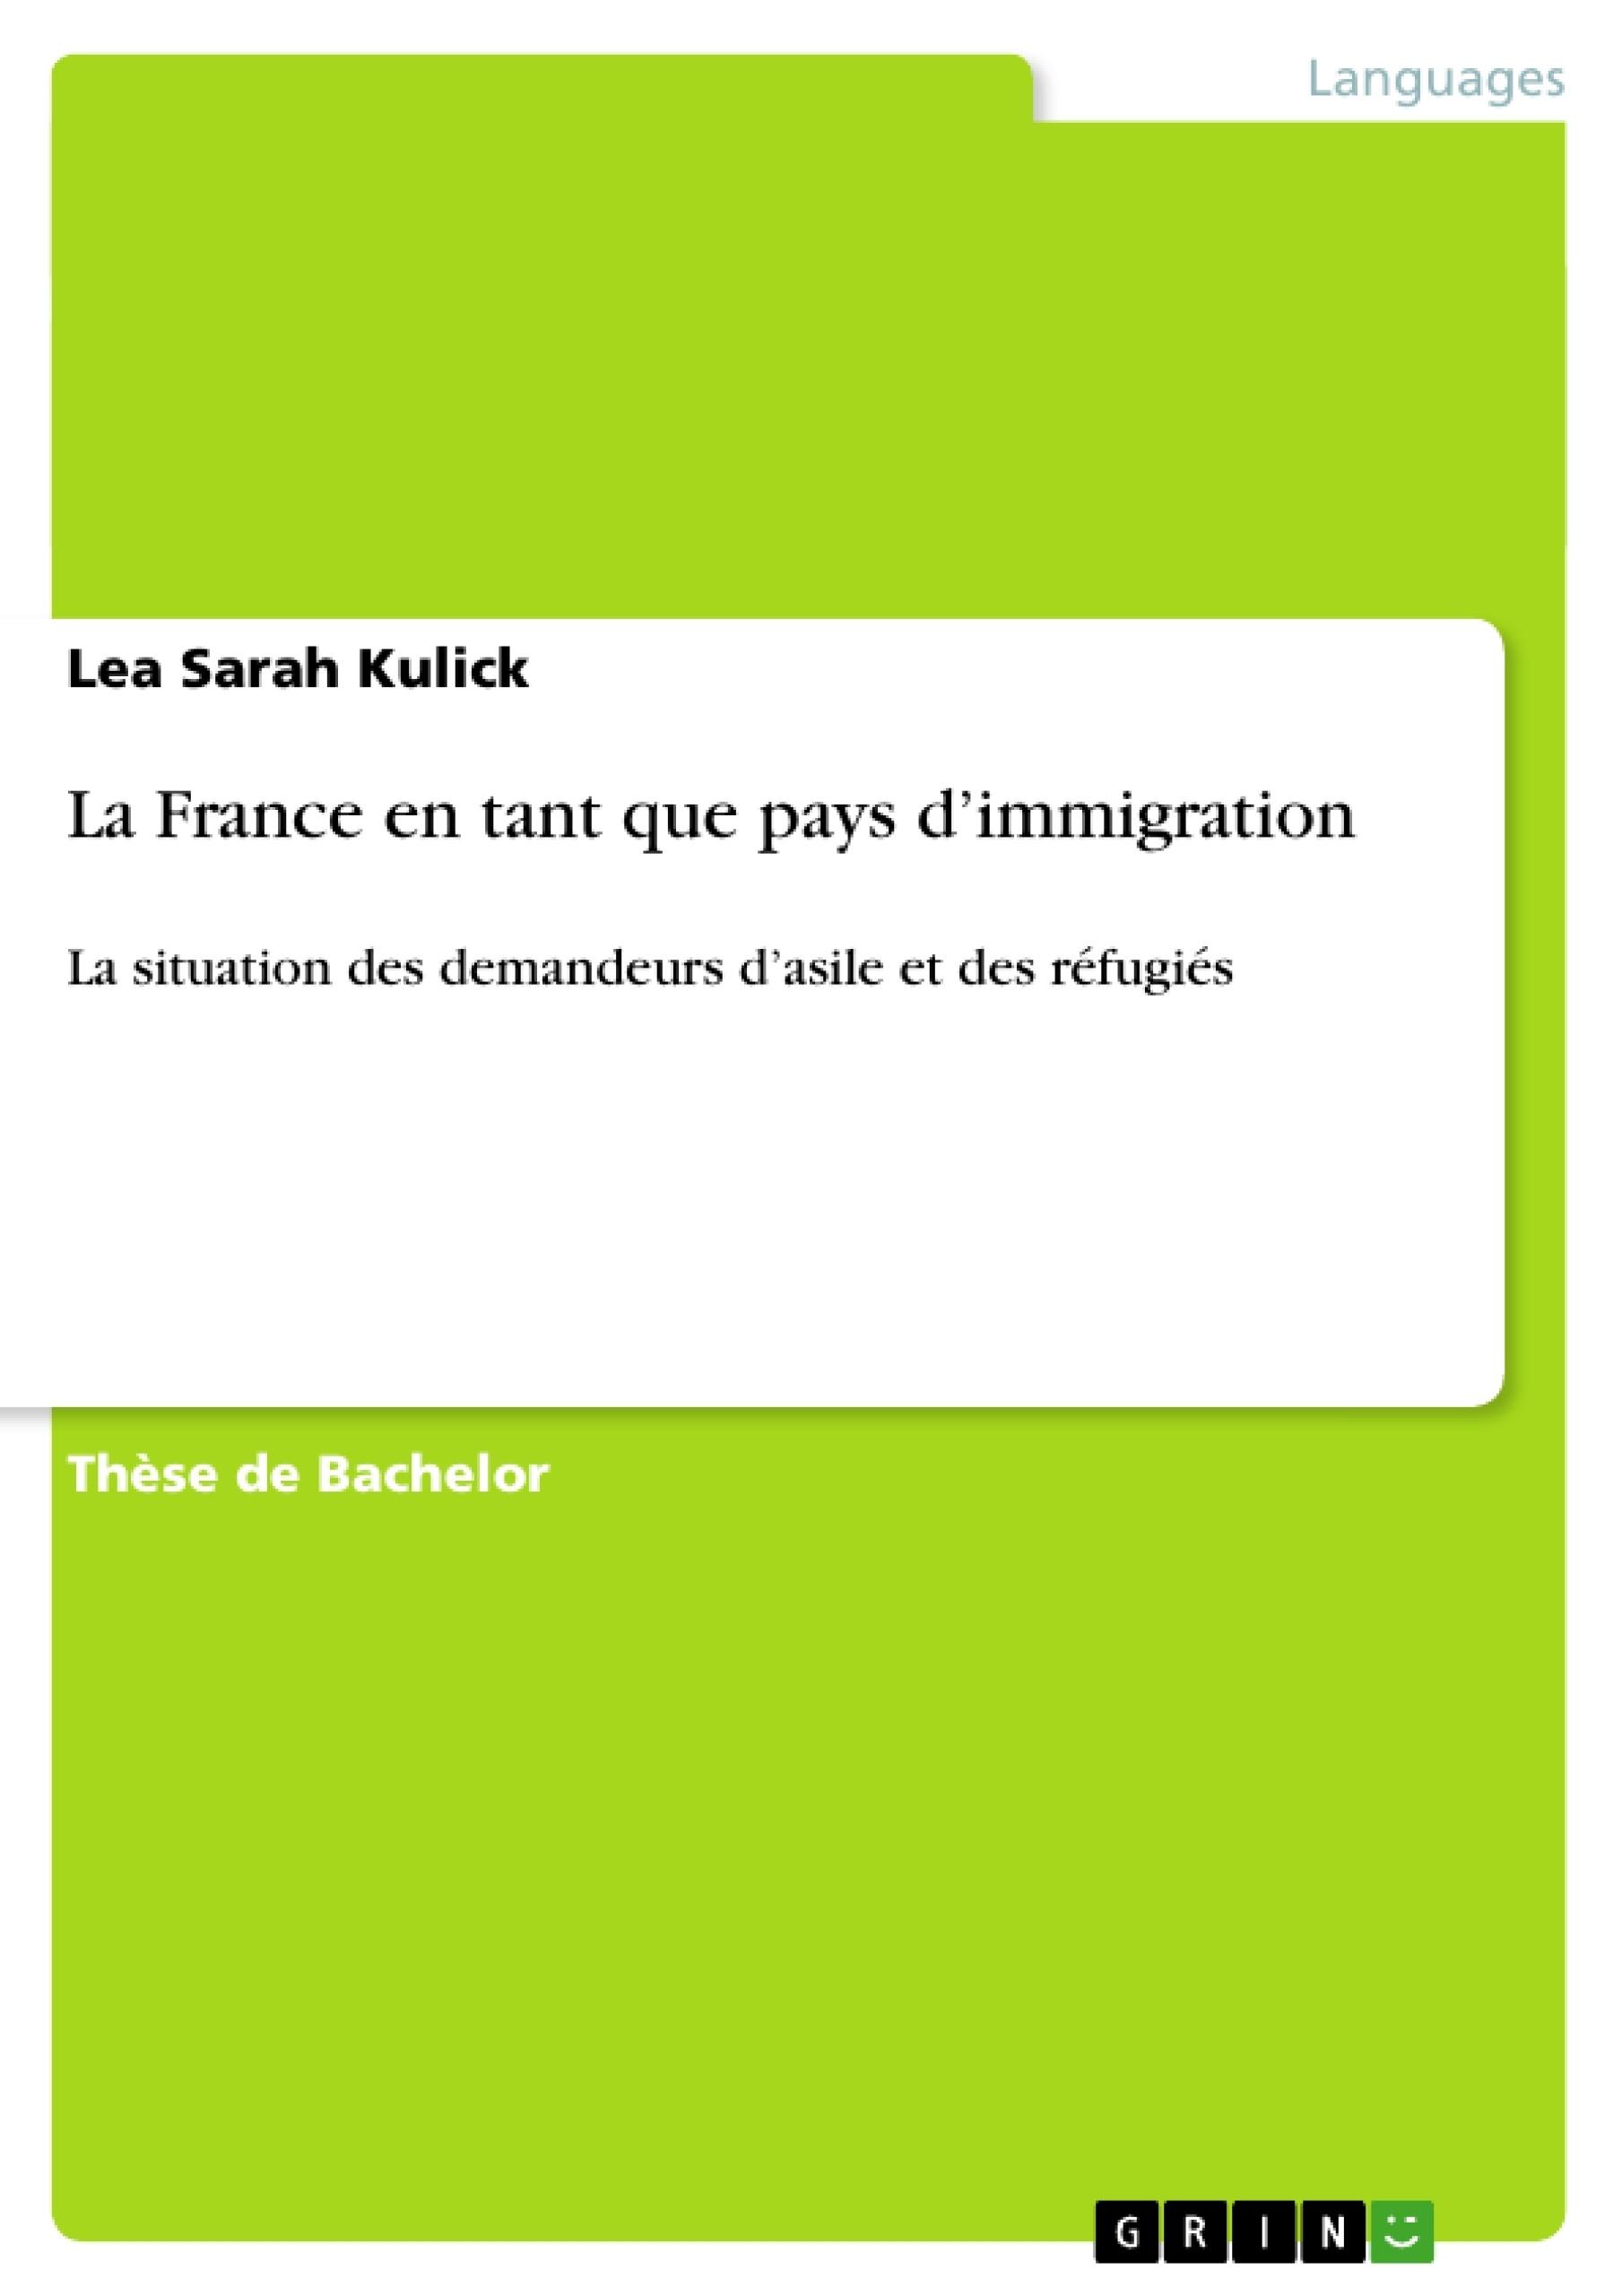 Titre: La France en tant que pays d'immigration